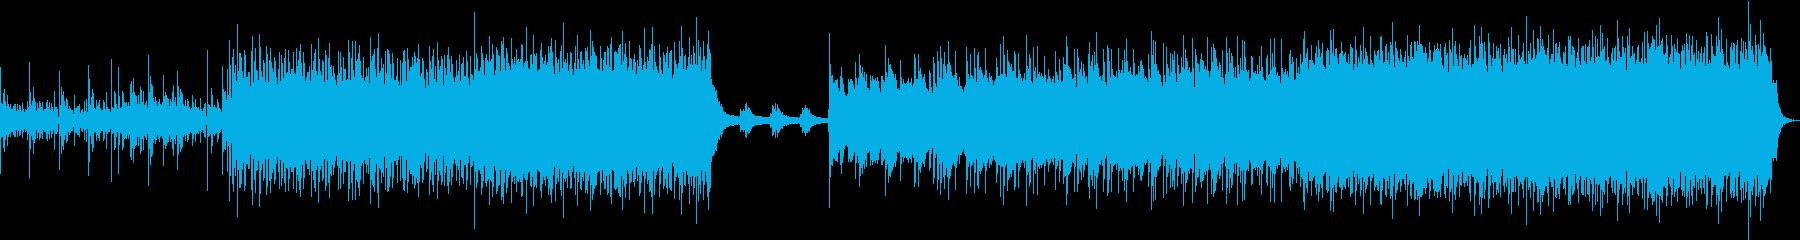 激情系ハードコア風のギター・インスト曲の再生済みの波形